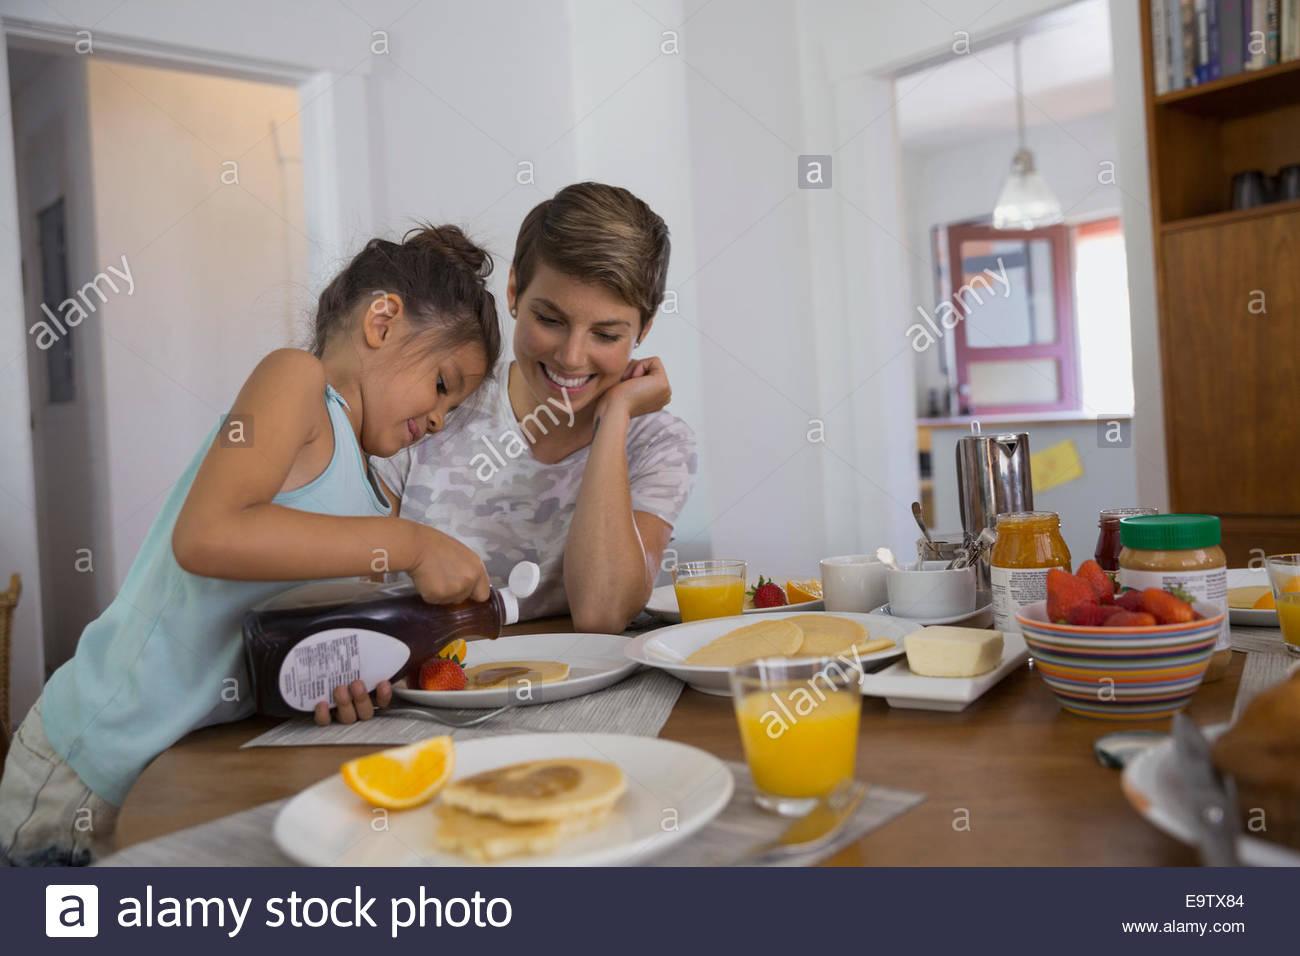 Mutter Tochter Gießen Sirup auf Pfannkuchen beobachten Stockbild